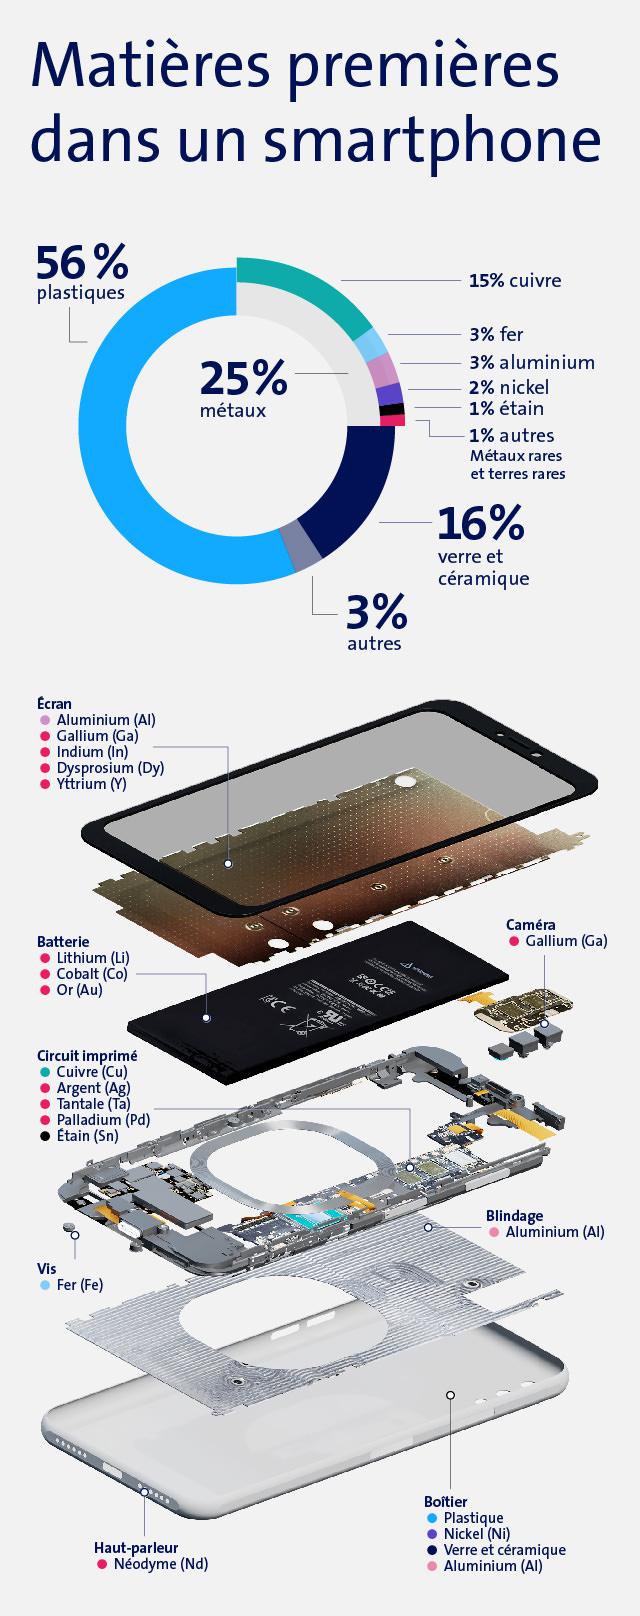 Les matières premières dans un smartphone